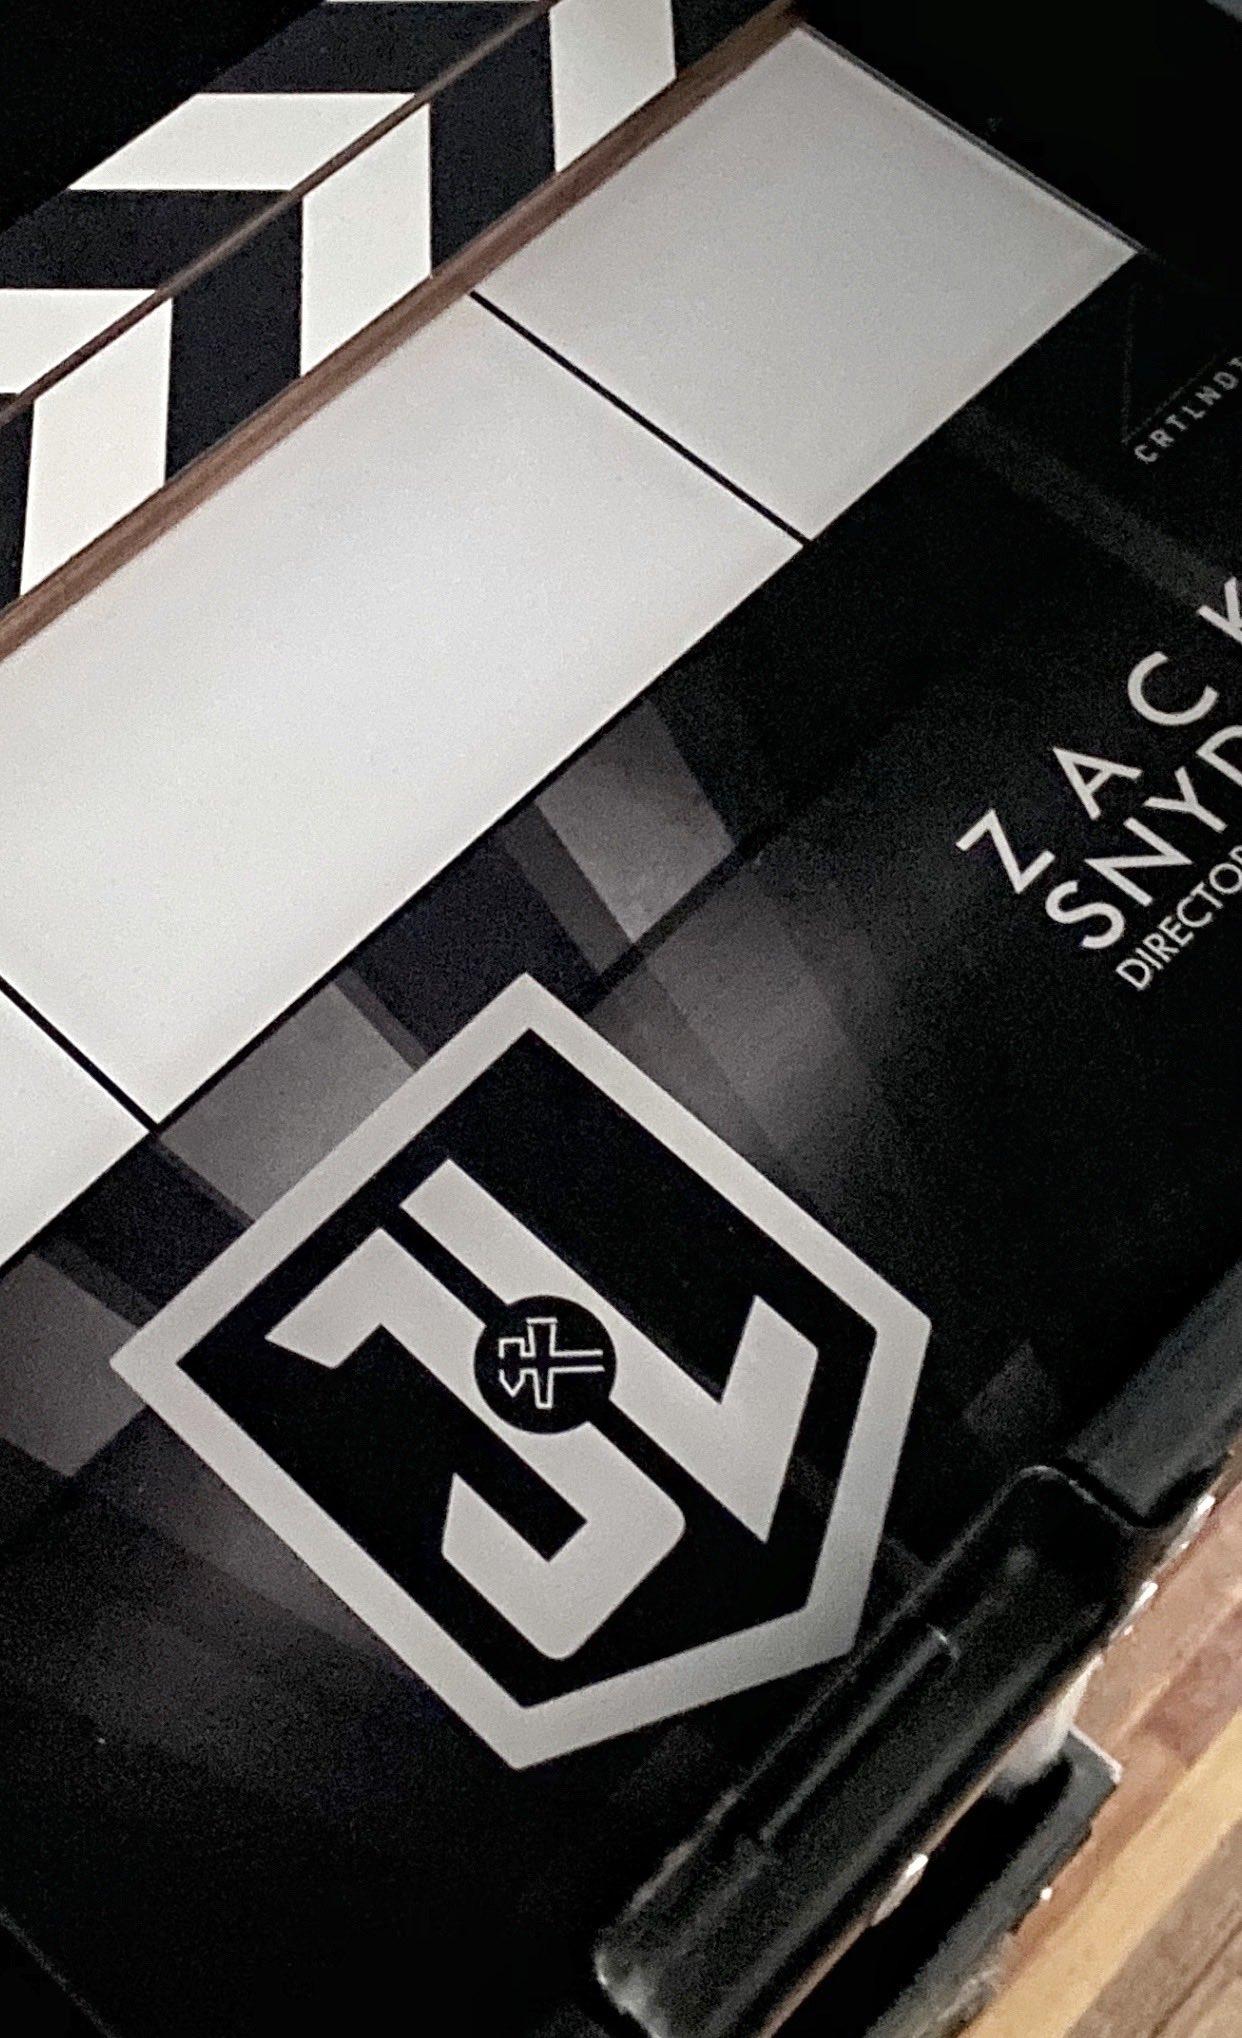 Zack Snyder posta foto e indica começo das filmagens adicionais